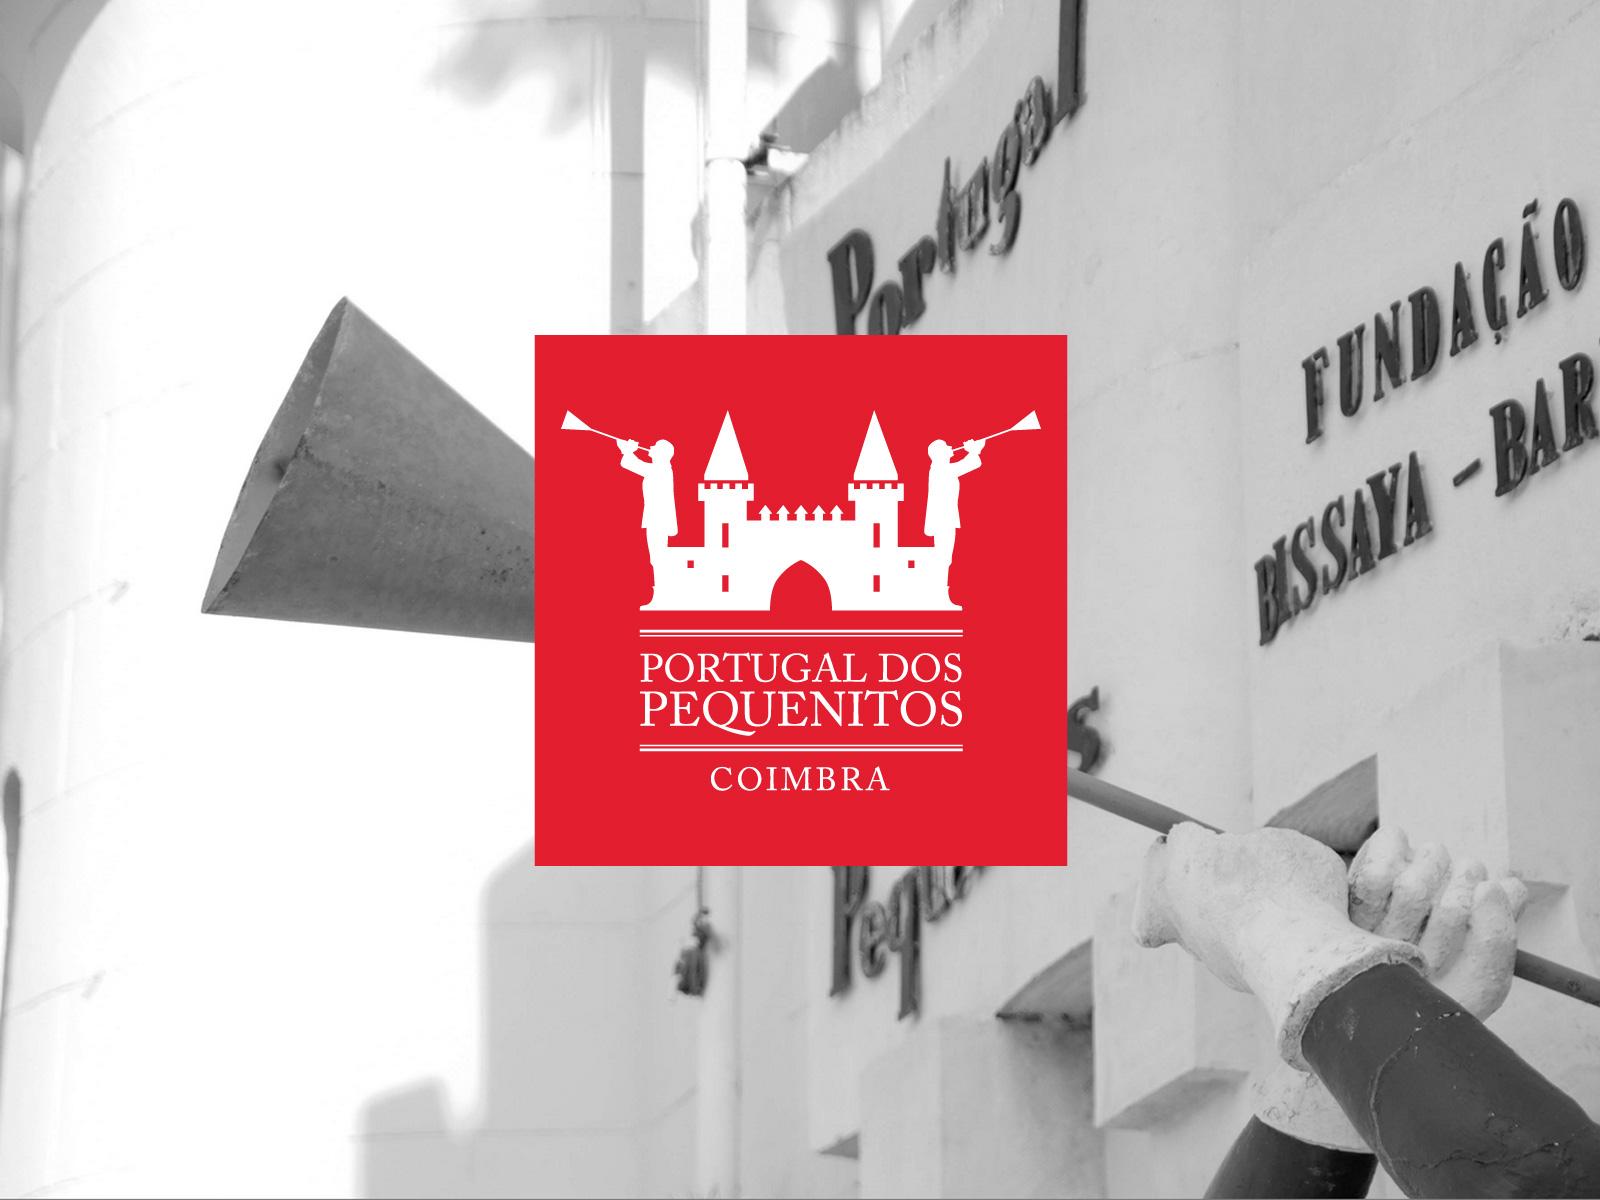 PORTUGAL DOS PEQUENITOS - 1